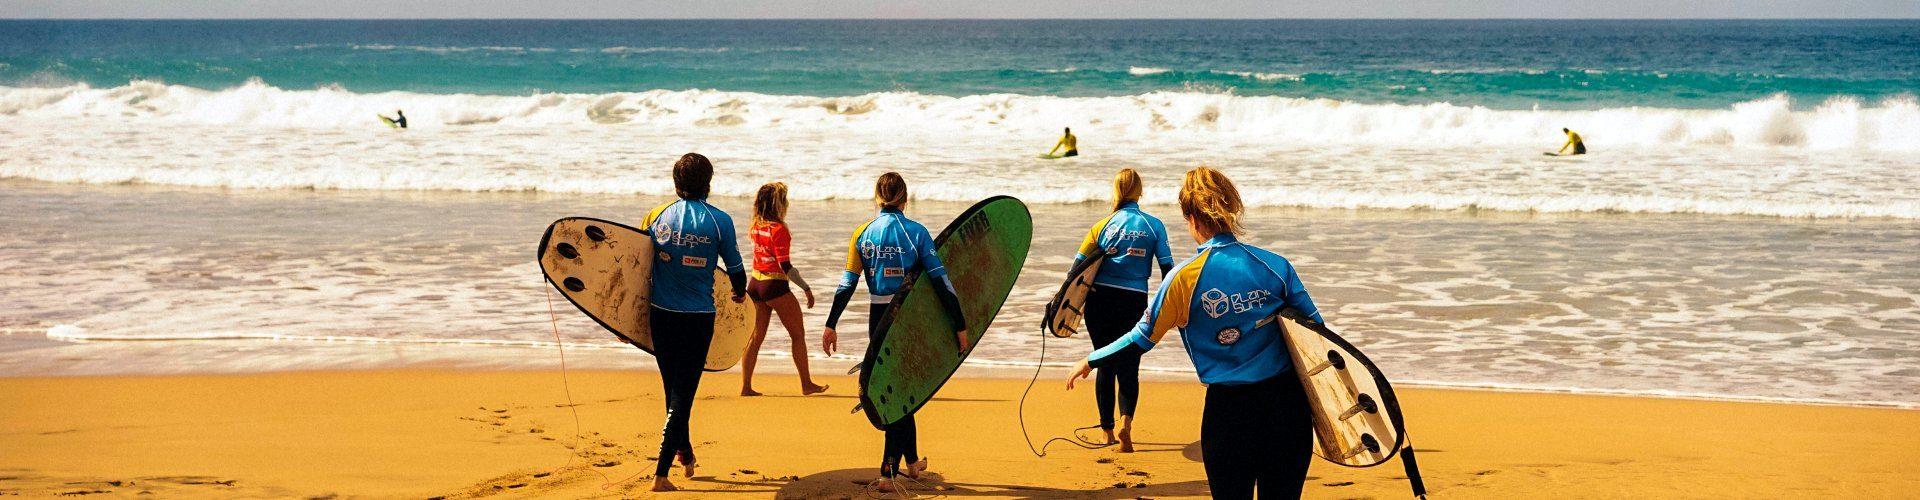 Surfschule Kanaren